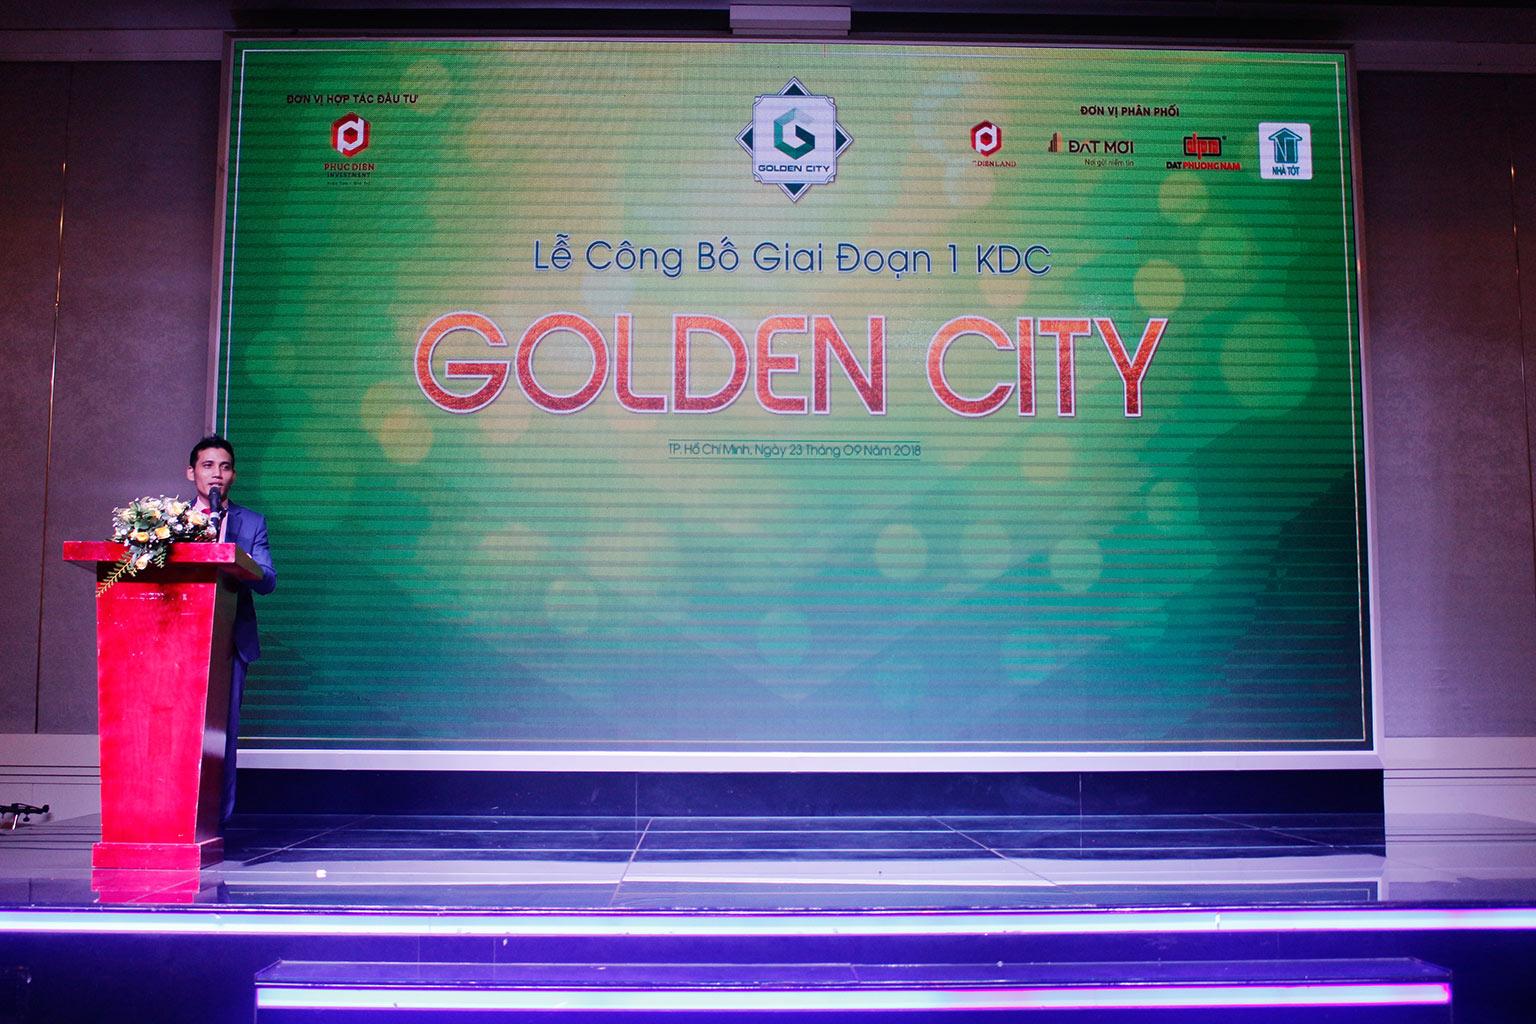 Hơn 90% giao dịch thành công tại buổi lễ công bố giai đoạn 1 KDC Golden City 6